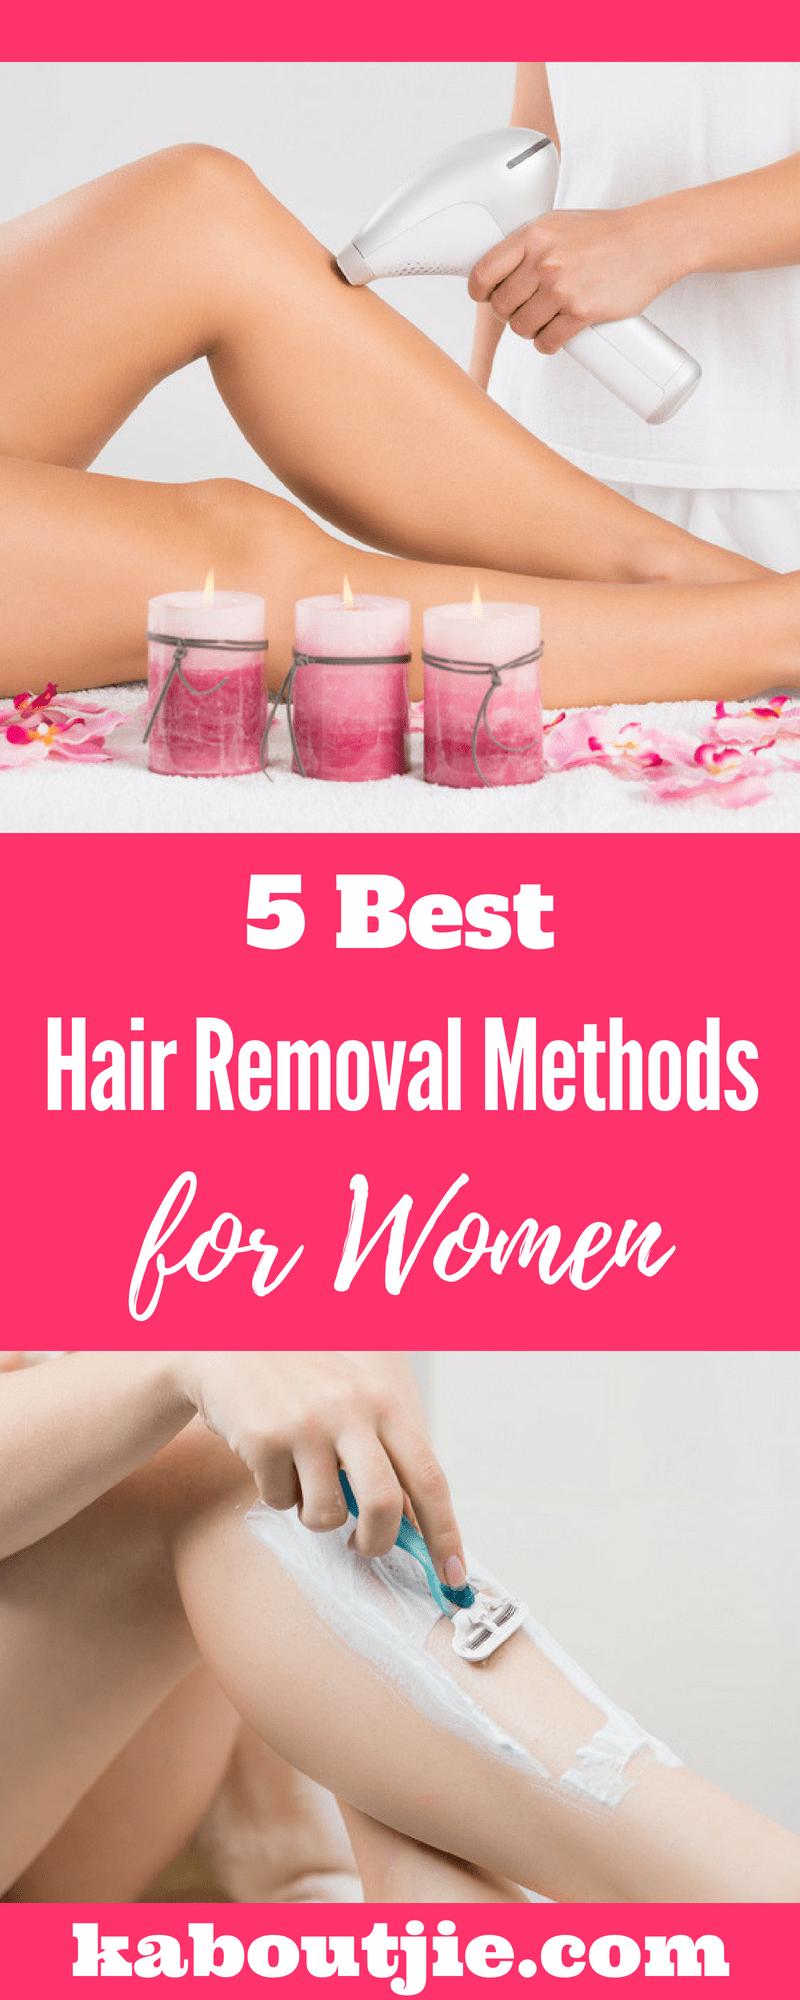 5 Best Hair Removal Methods For Women